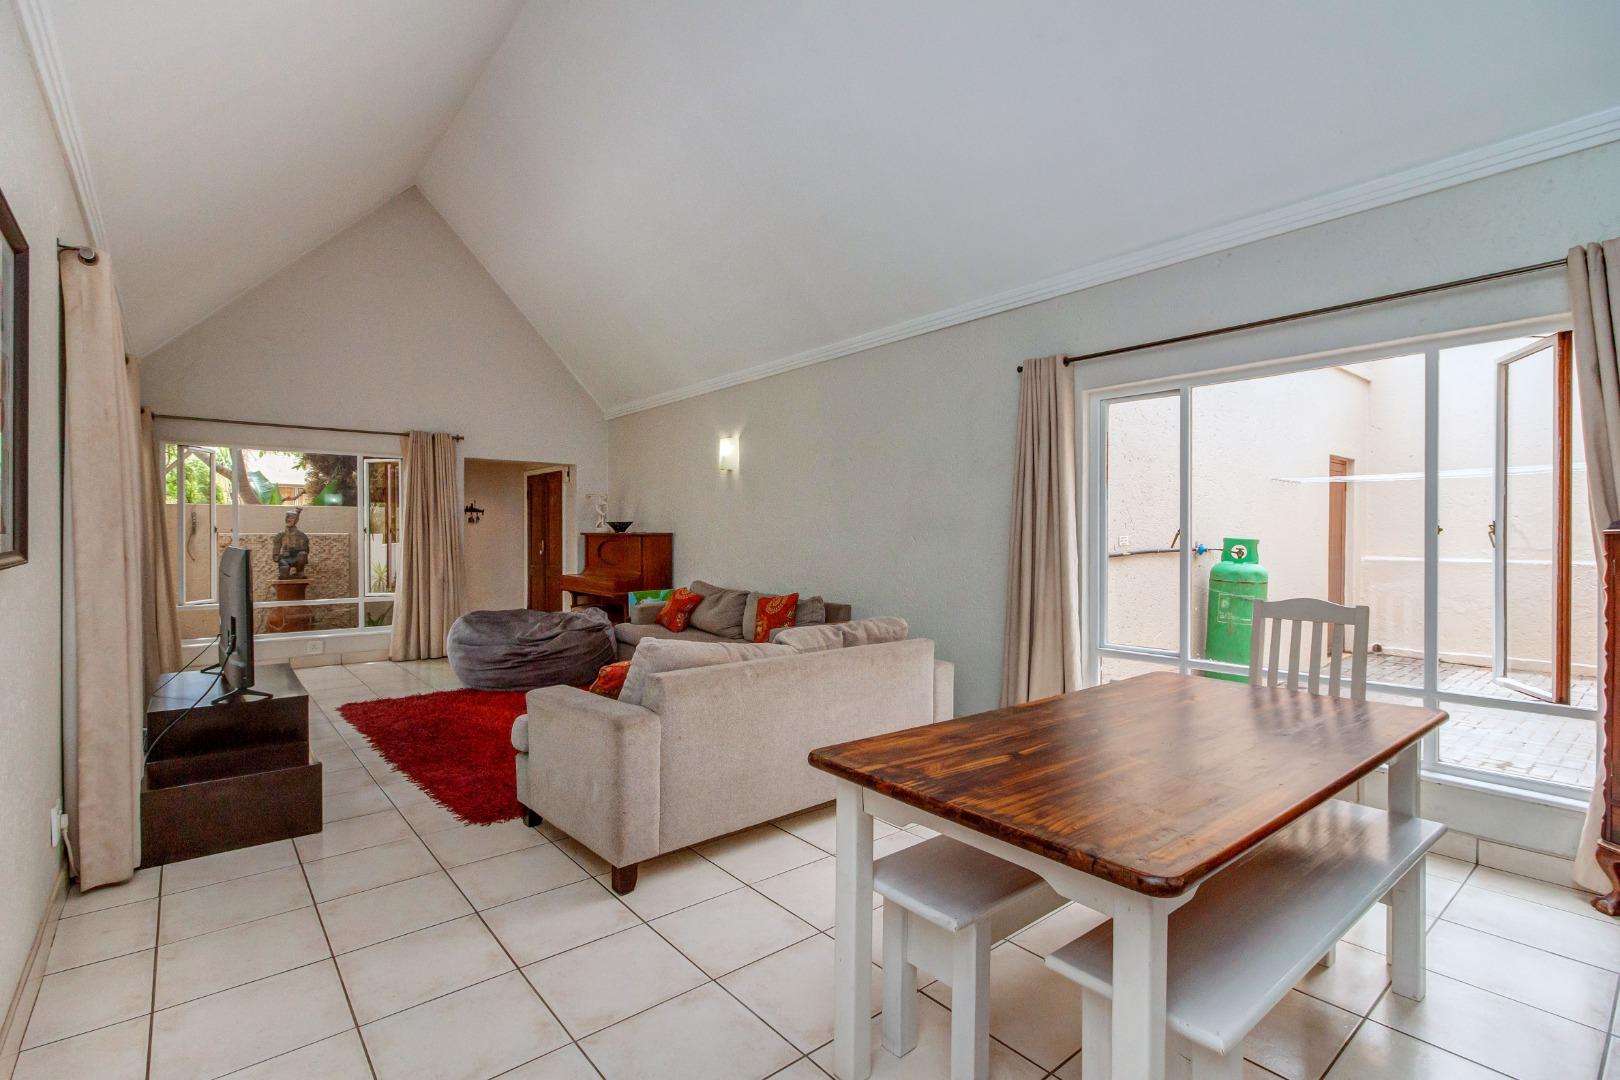 3 Bedroom House For Sale in Maroeladal